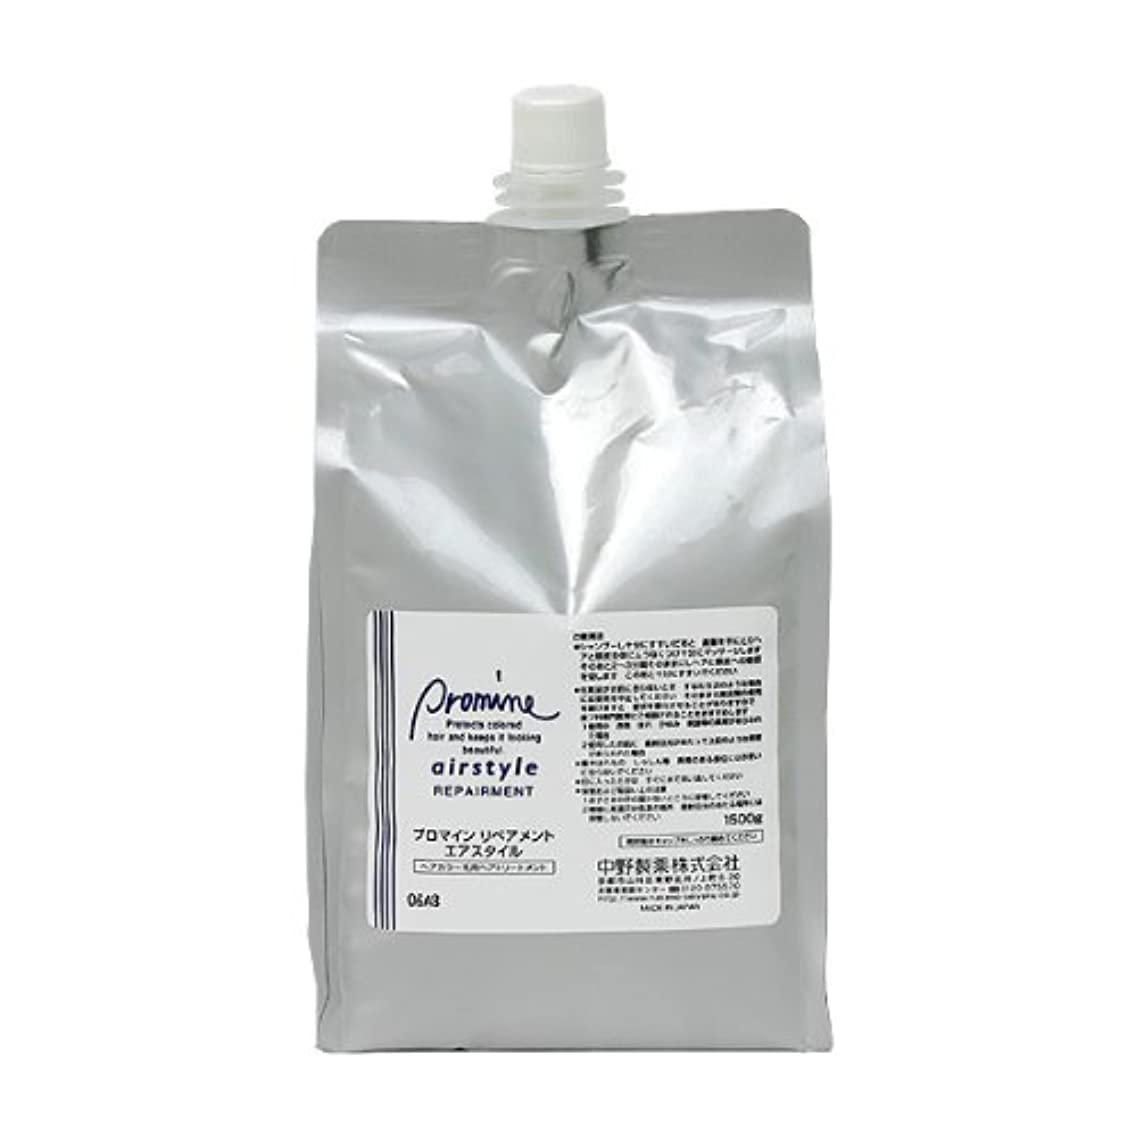 クリーム簡潔な後ろ、背後、背面(部中野製薬 プロマイン リペアメント エアスタイル レフィル 容量1500g